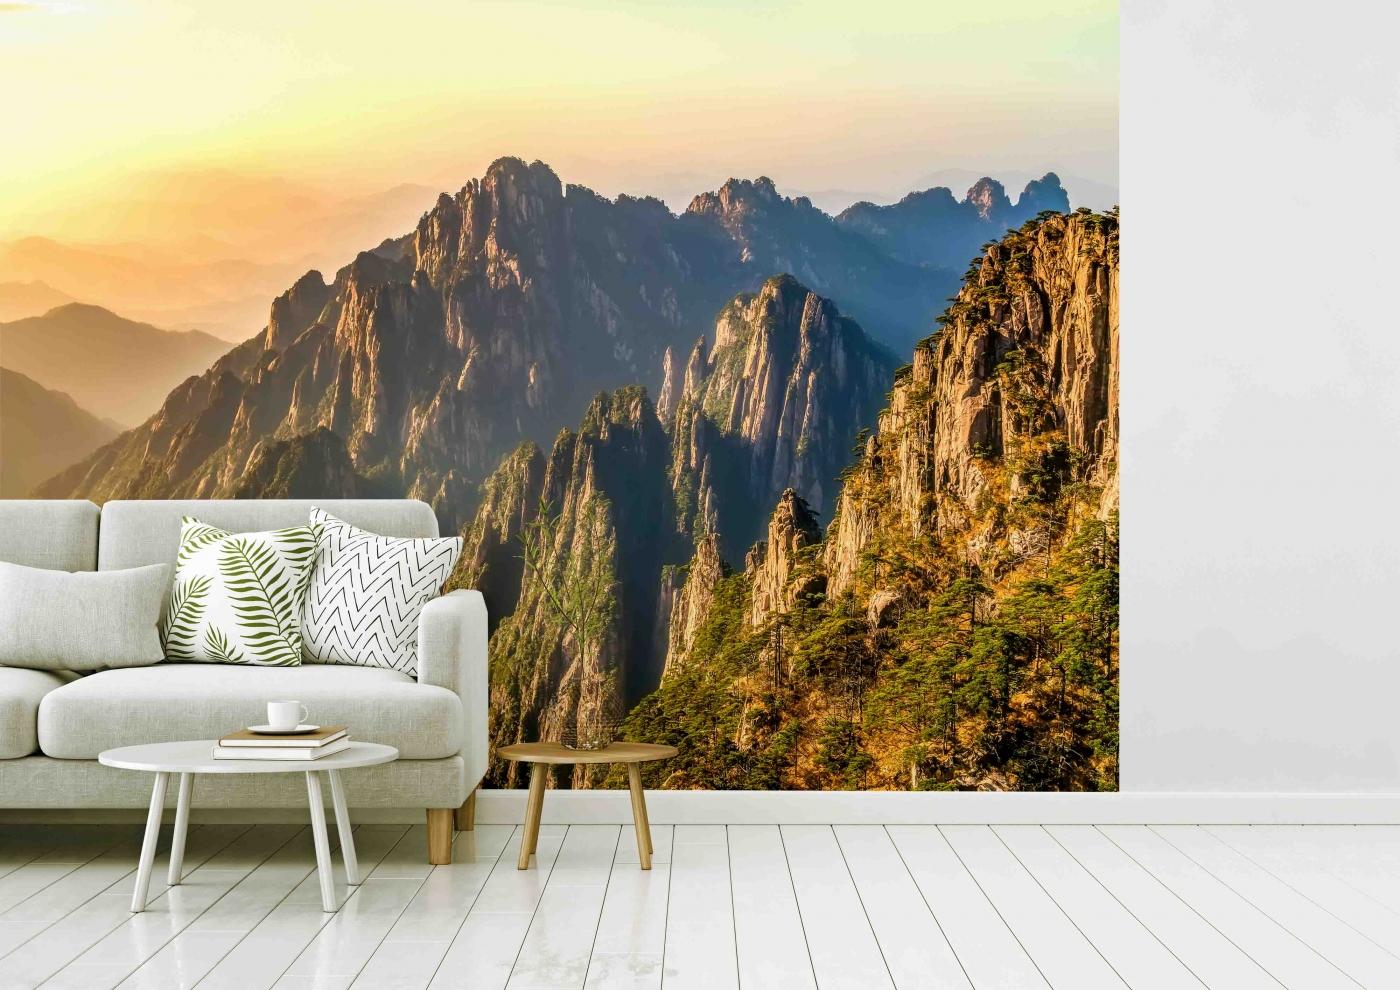 Tapeta Skalnaté hory, 216 x 140 cm